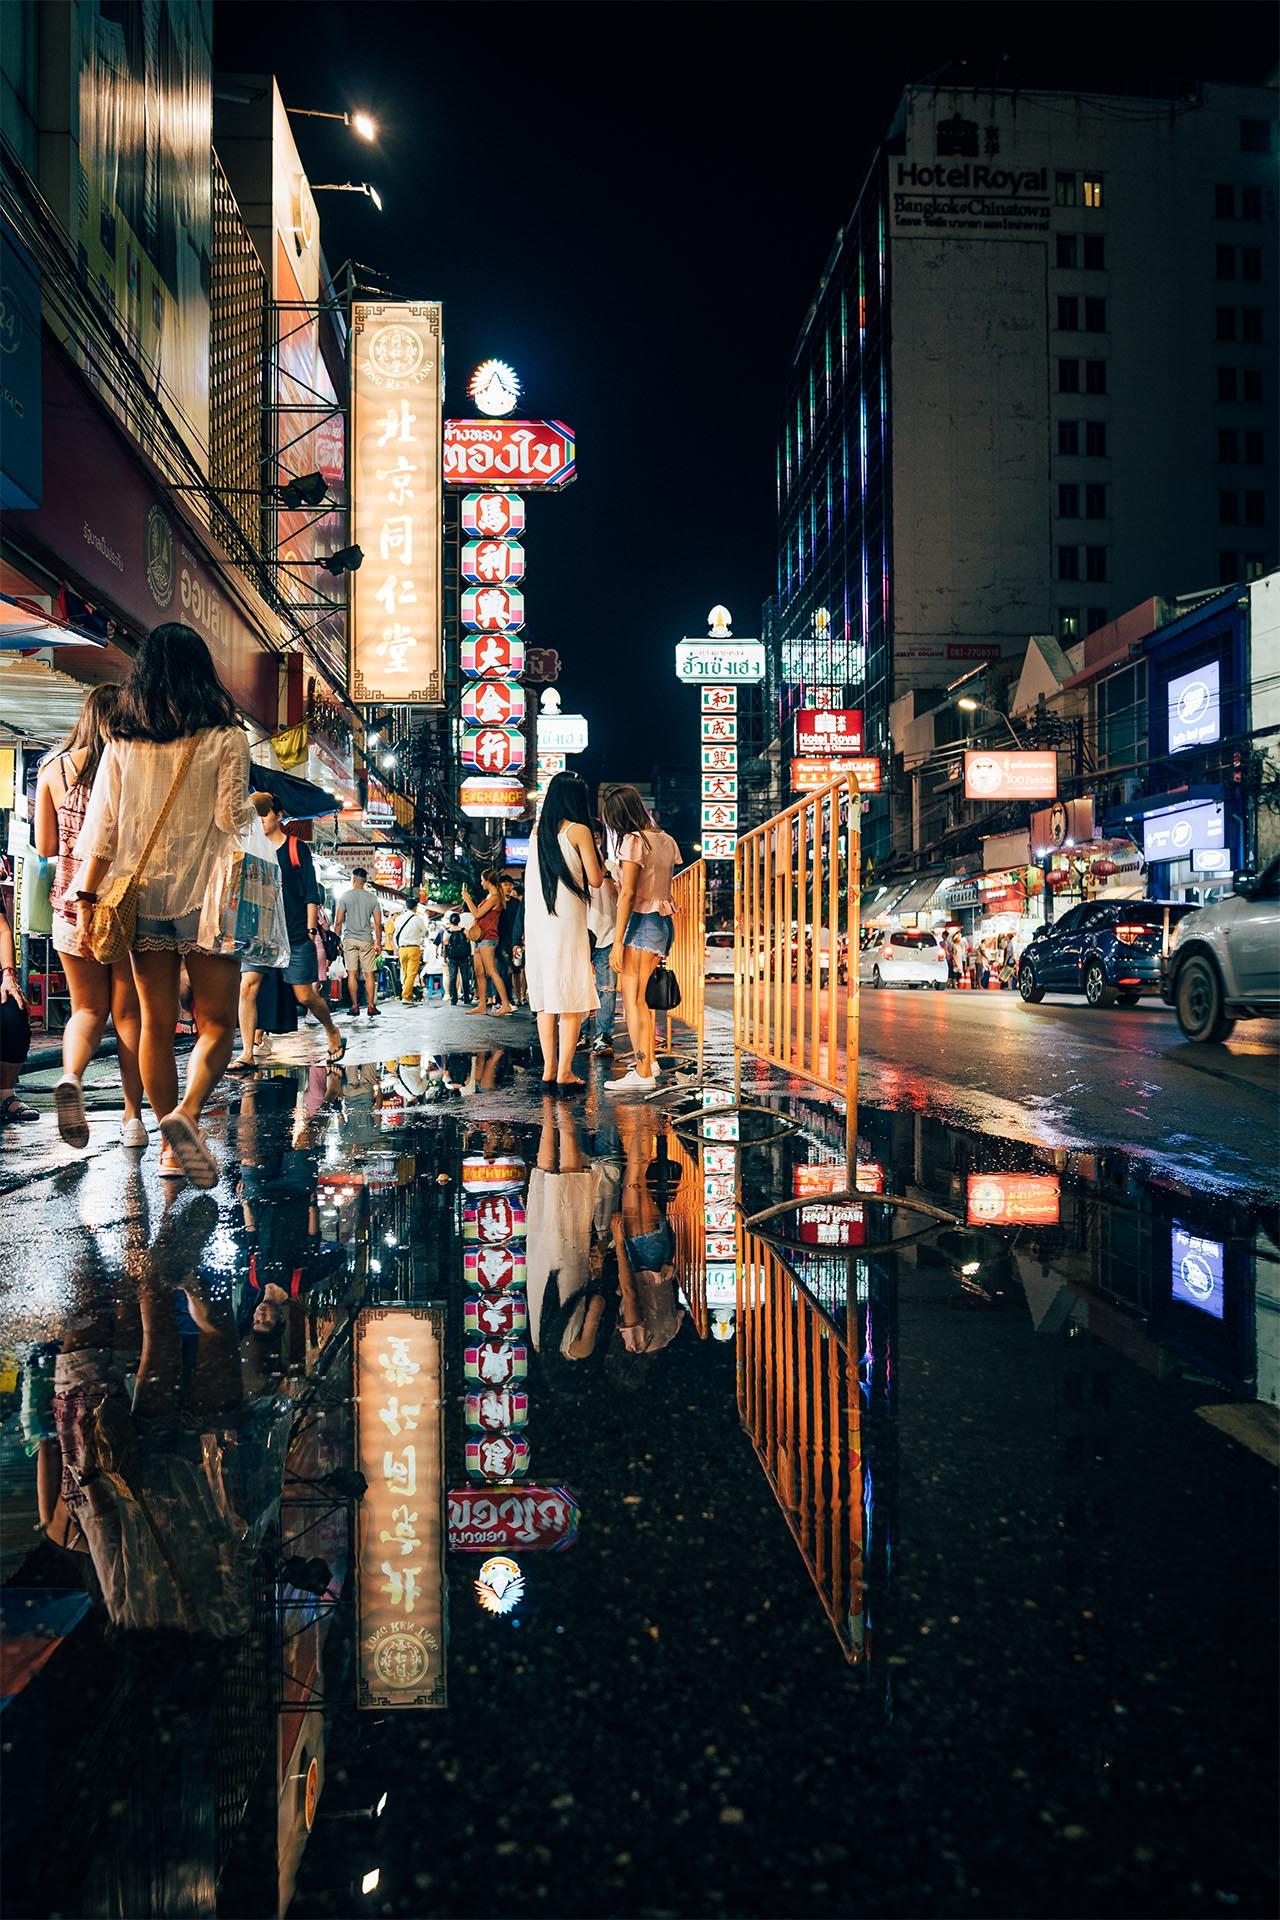 Zwei thailandische Mädchen spiegeln sich in einer Pfütze in China Town, Bangkok, Thailand.